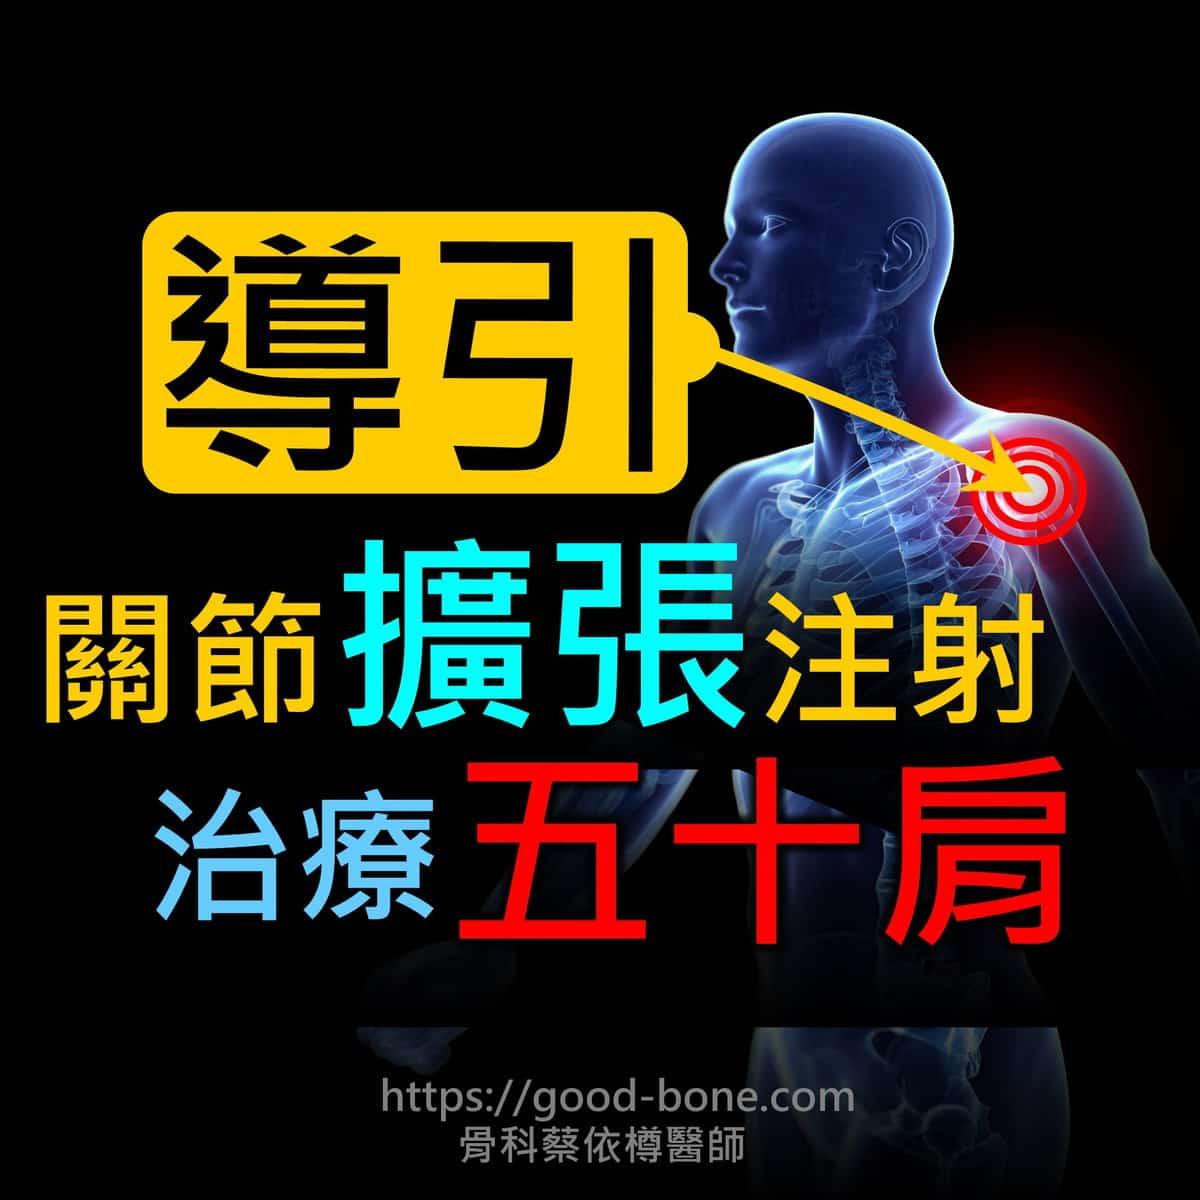 超音波導引關節擴張注射治療五十肩肩膀疼痛沾黏|專業骨科推薦|台中骨科蔡依樽醫師https://good-bone.com